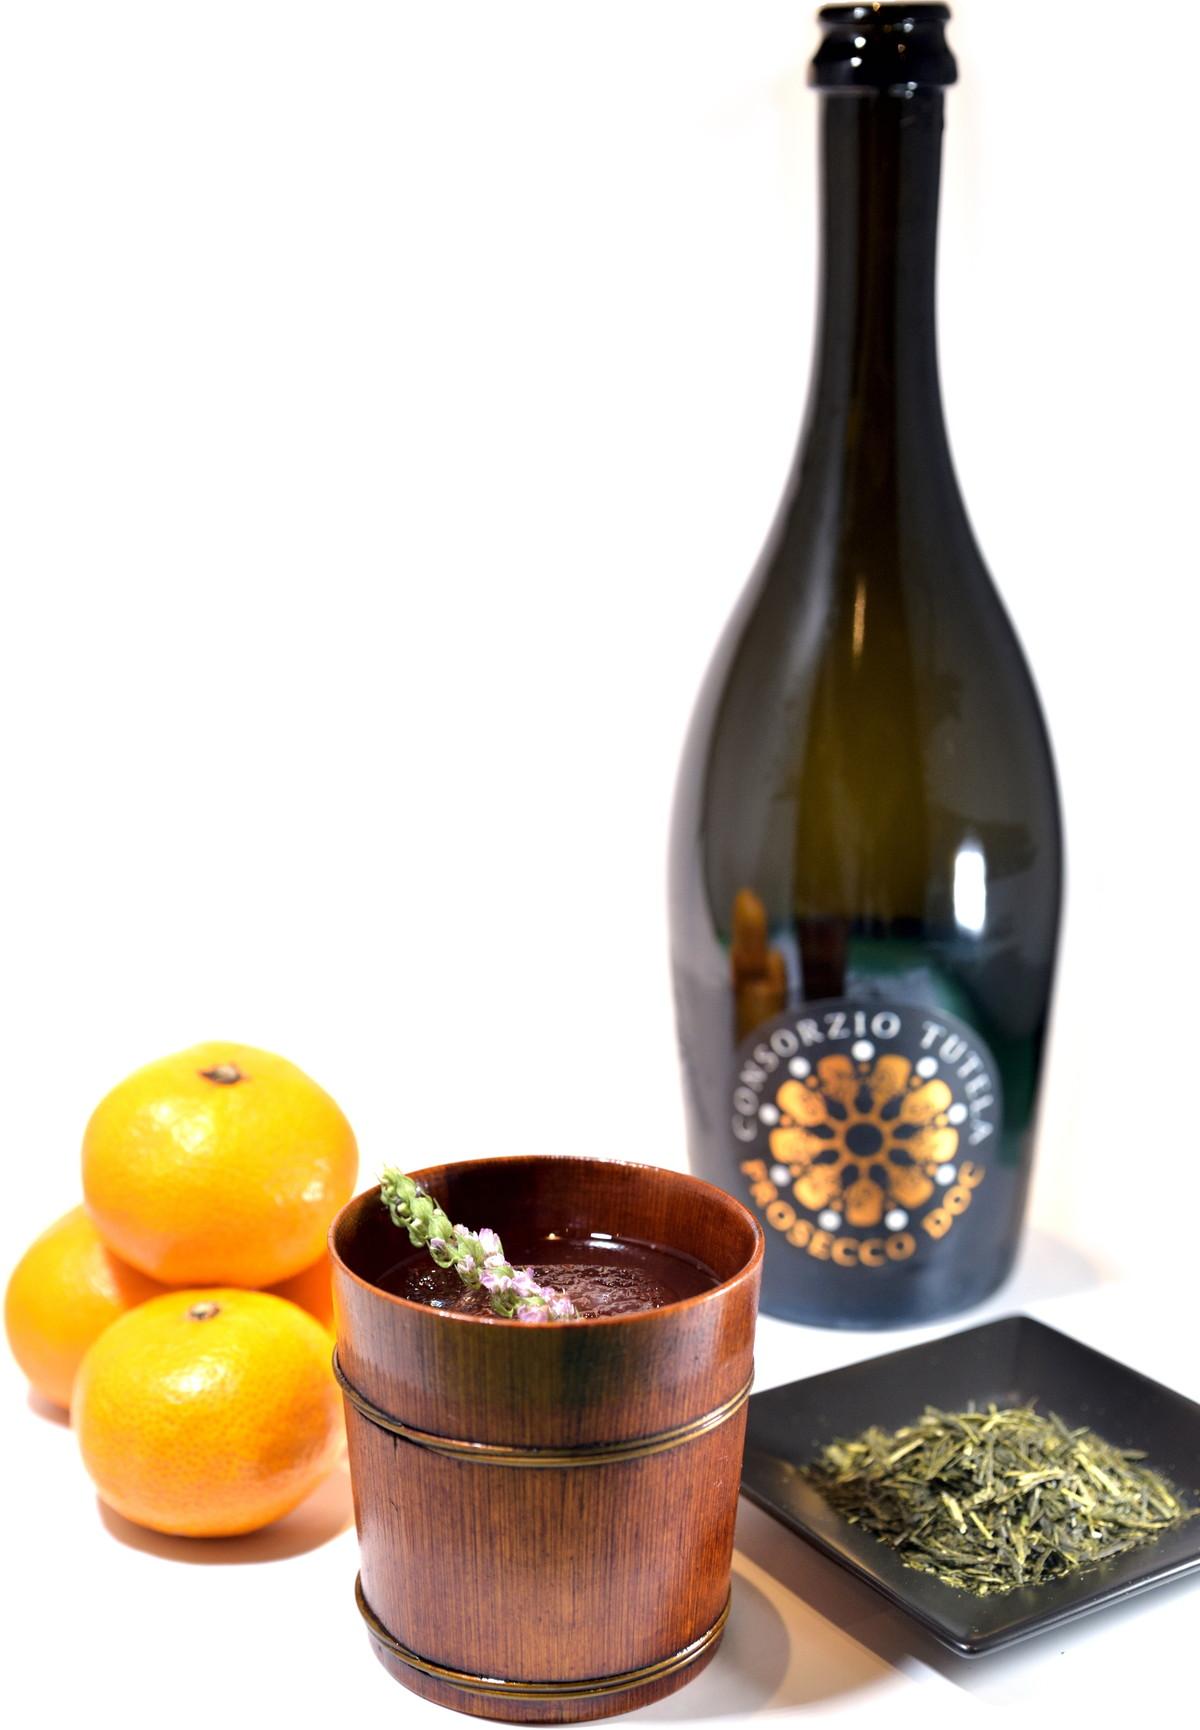 FUJIYAMA DOC (Long island green tea)